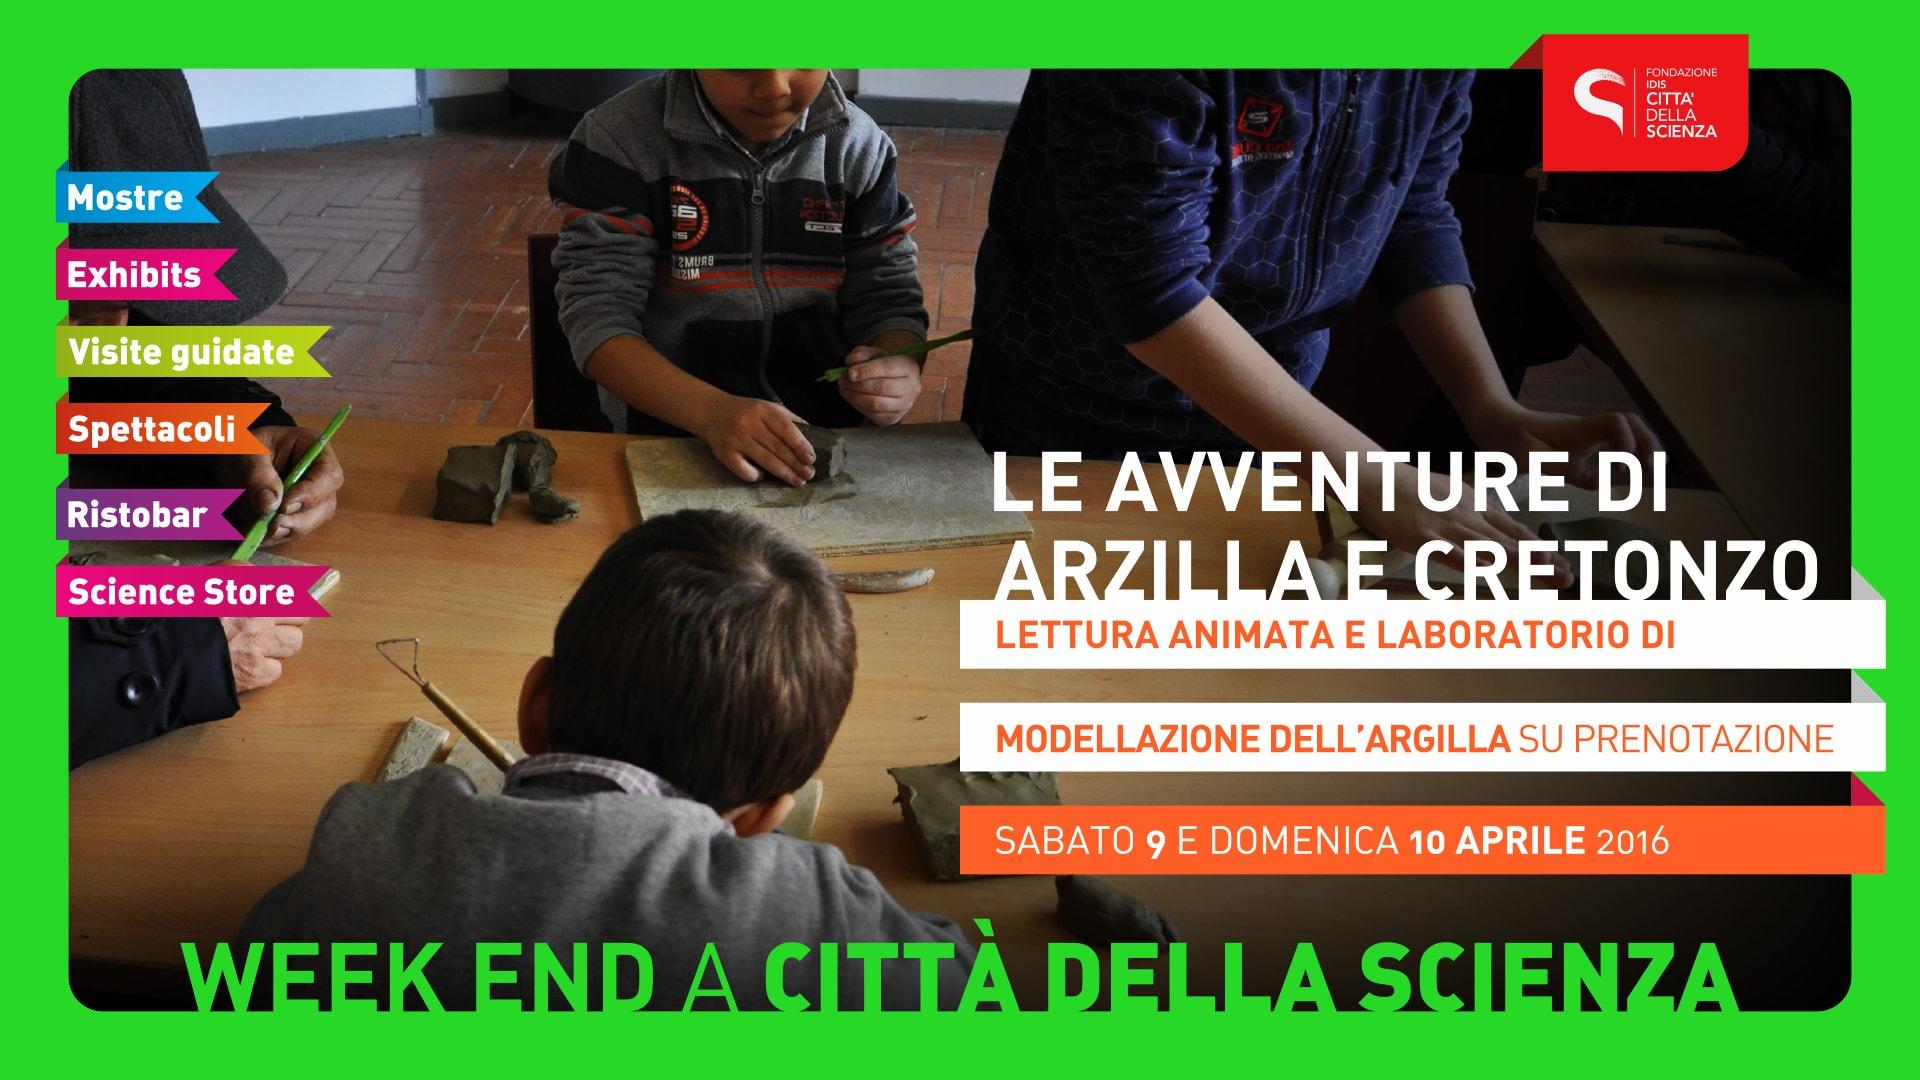 ARZILLA_E_CRETONZO_1920_x_1080-min